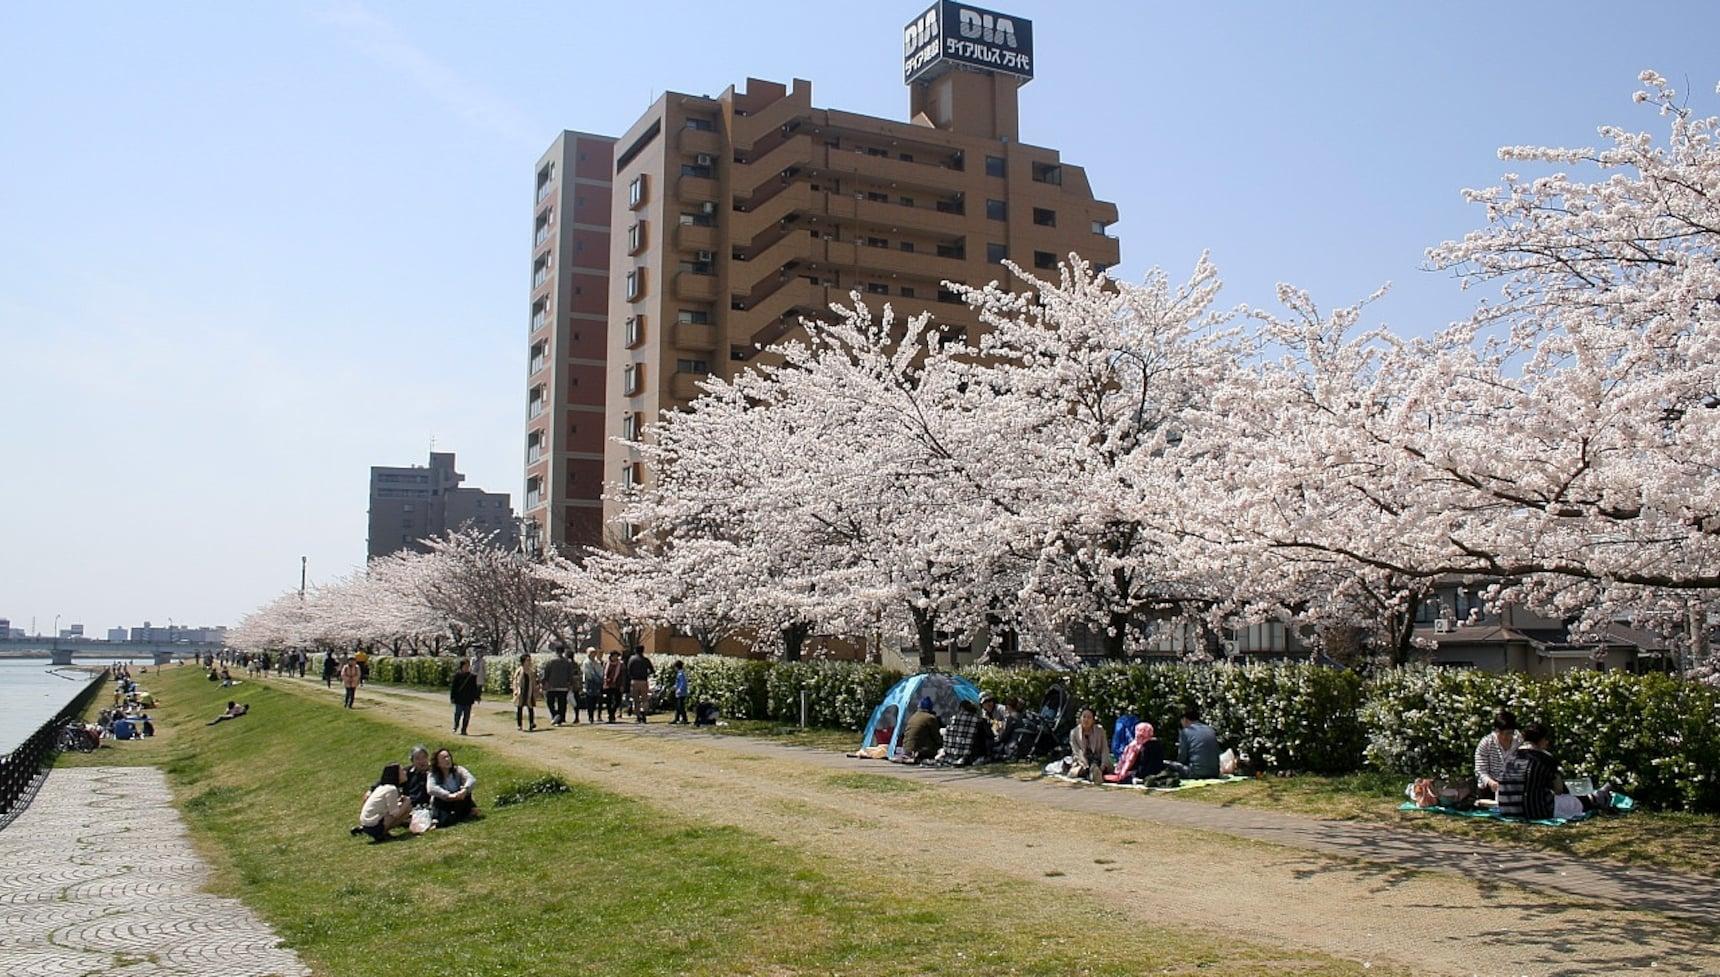 信浓川边赏樱花,看日本第一大河和樱花交相辉映